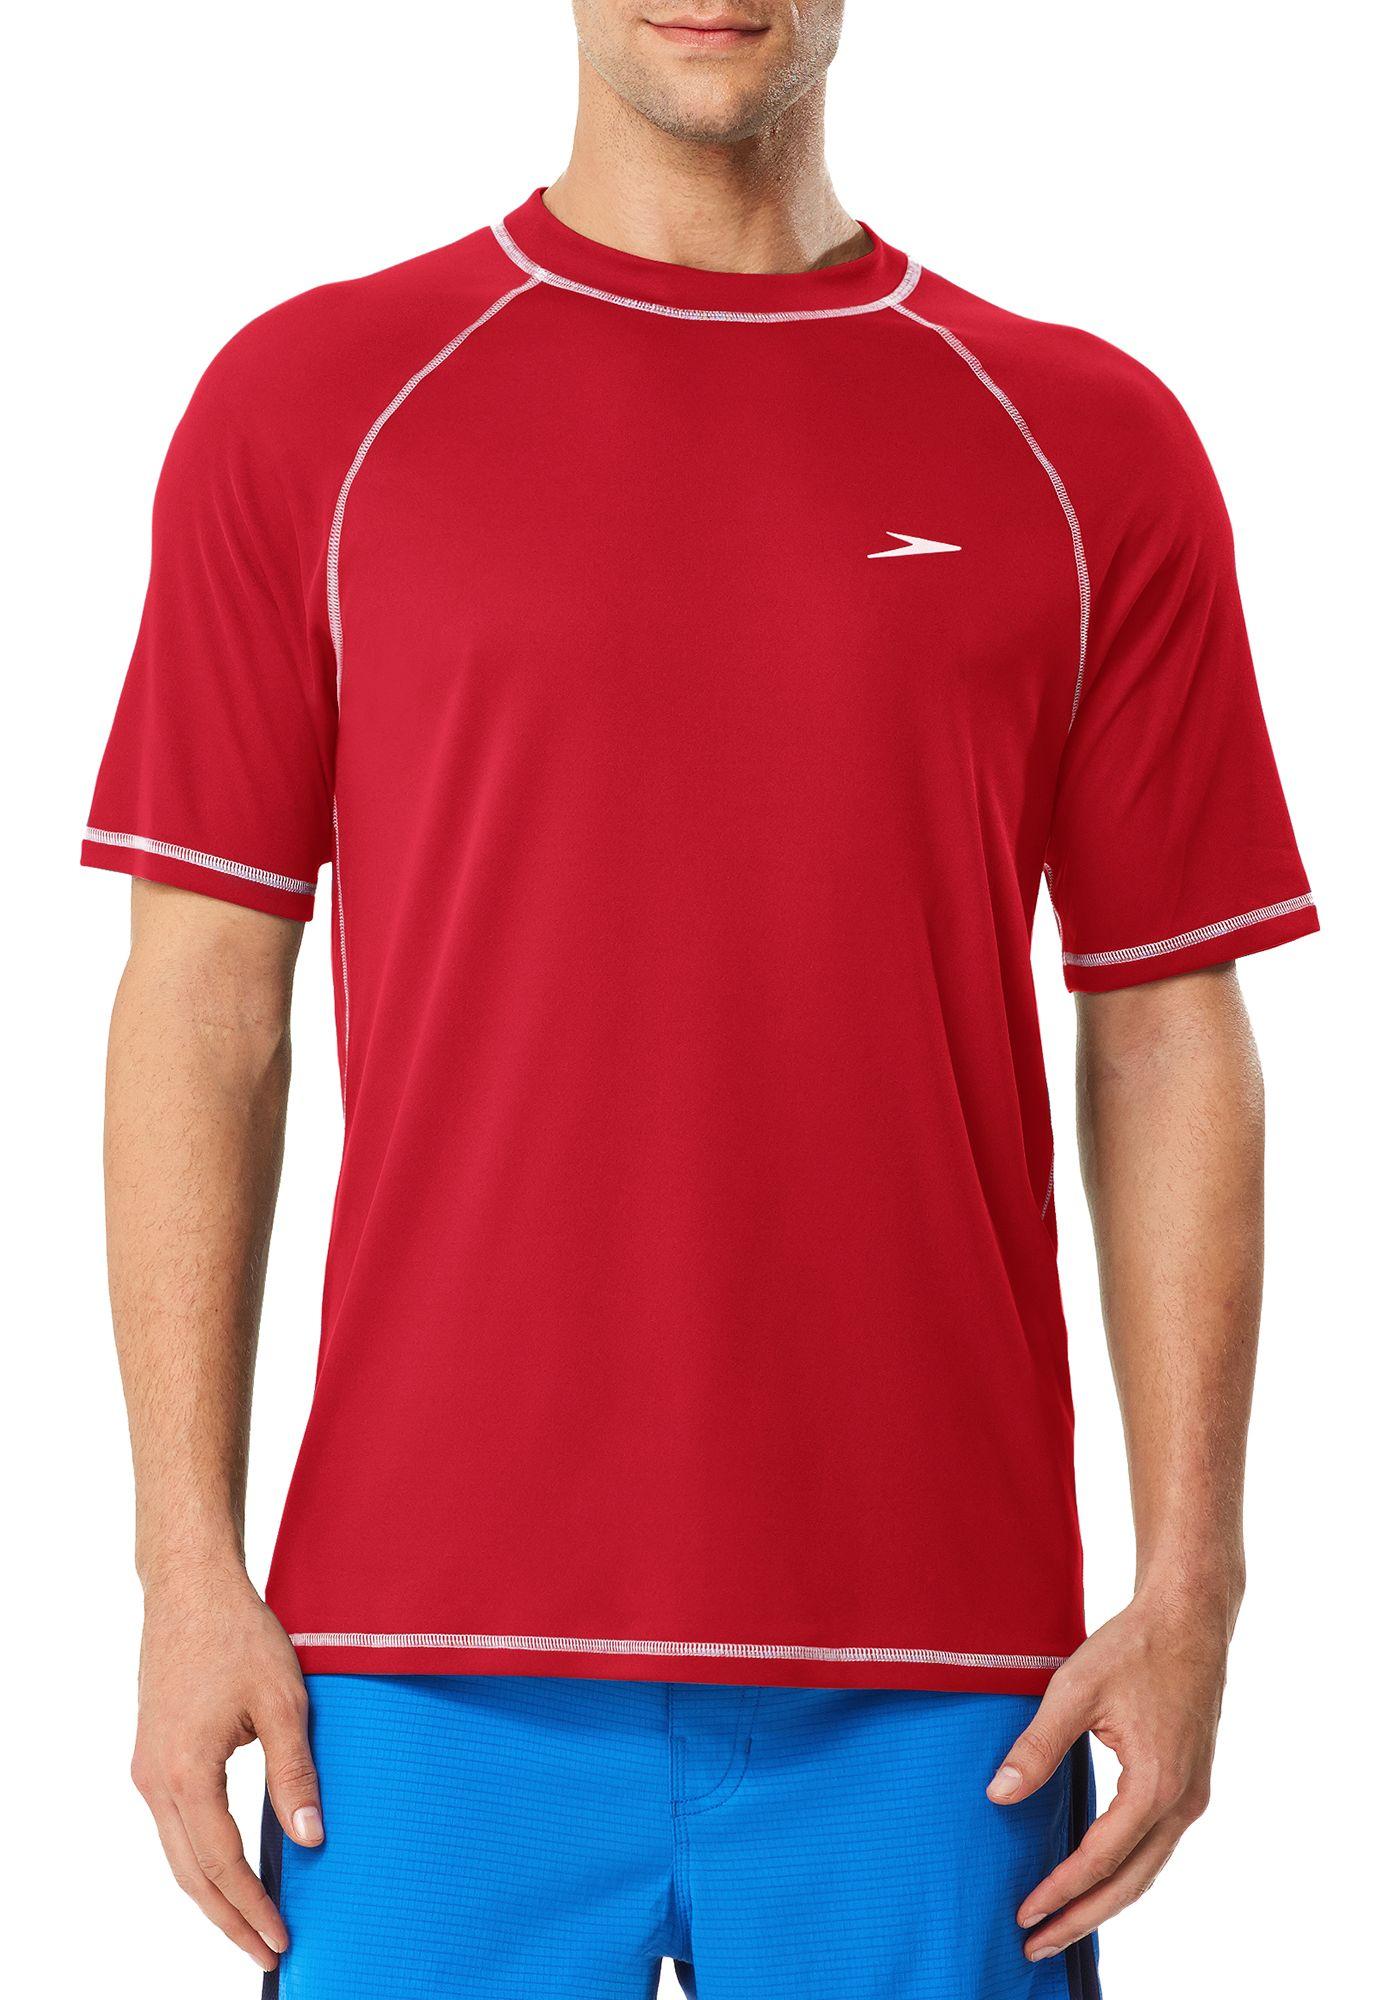 Speedo Men's Easy Short Sleeve Swim T-Shirt